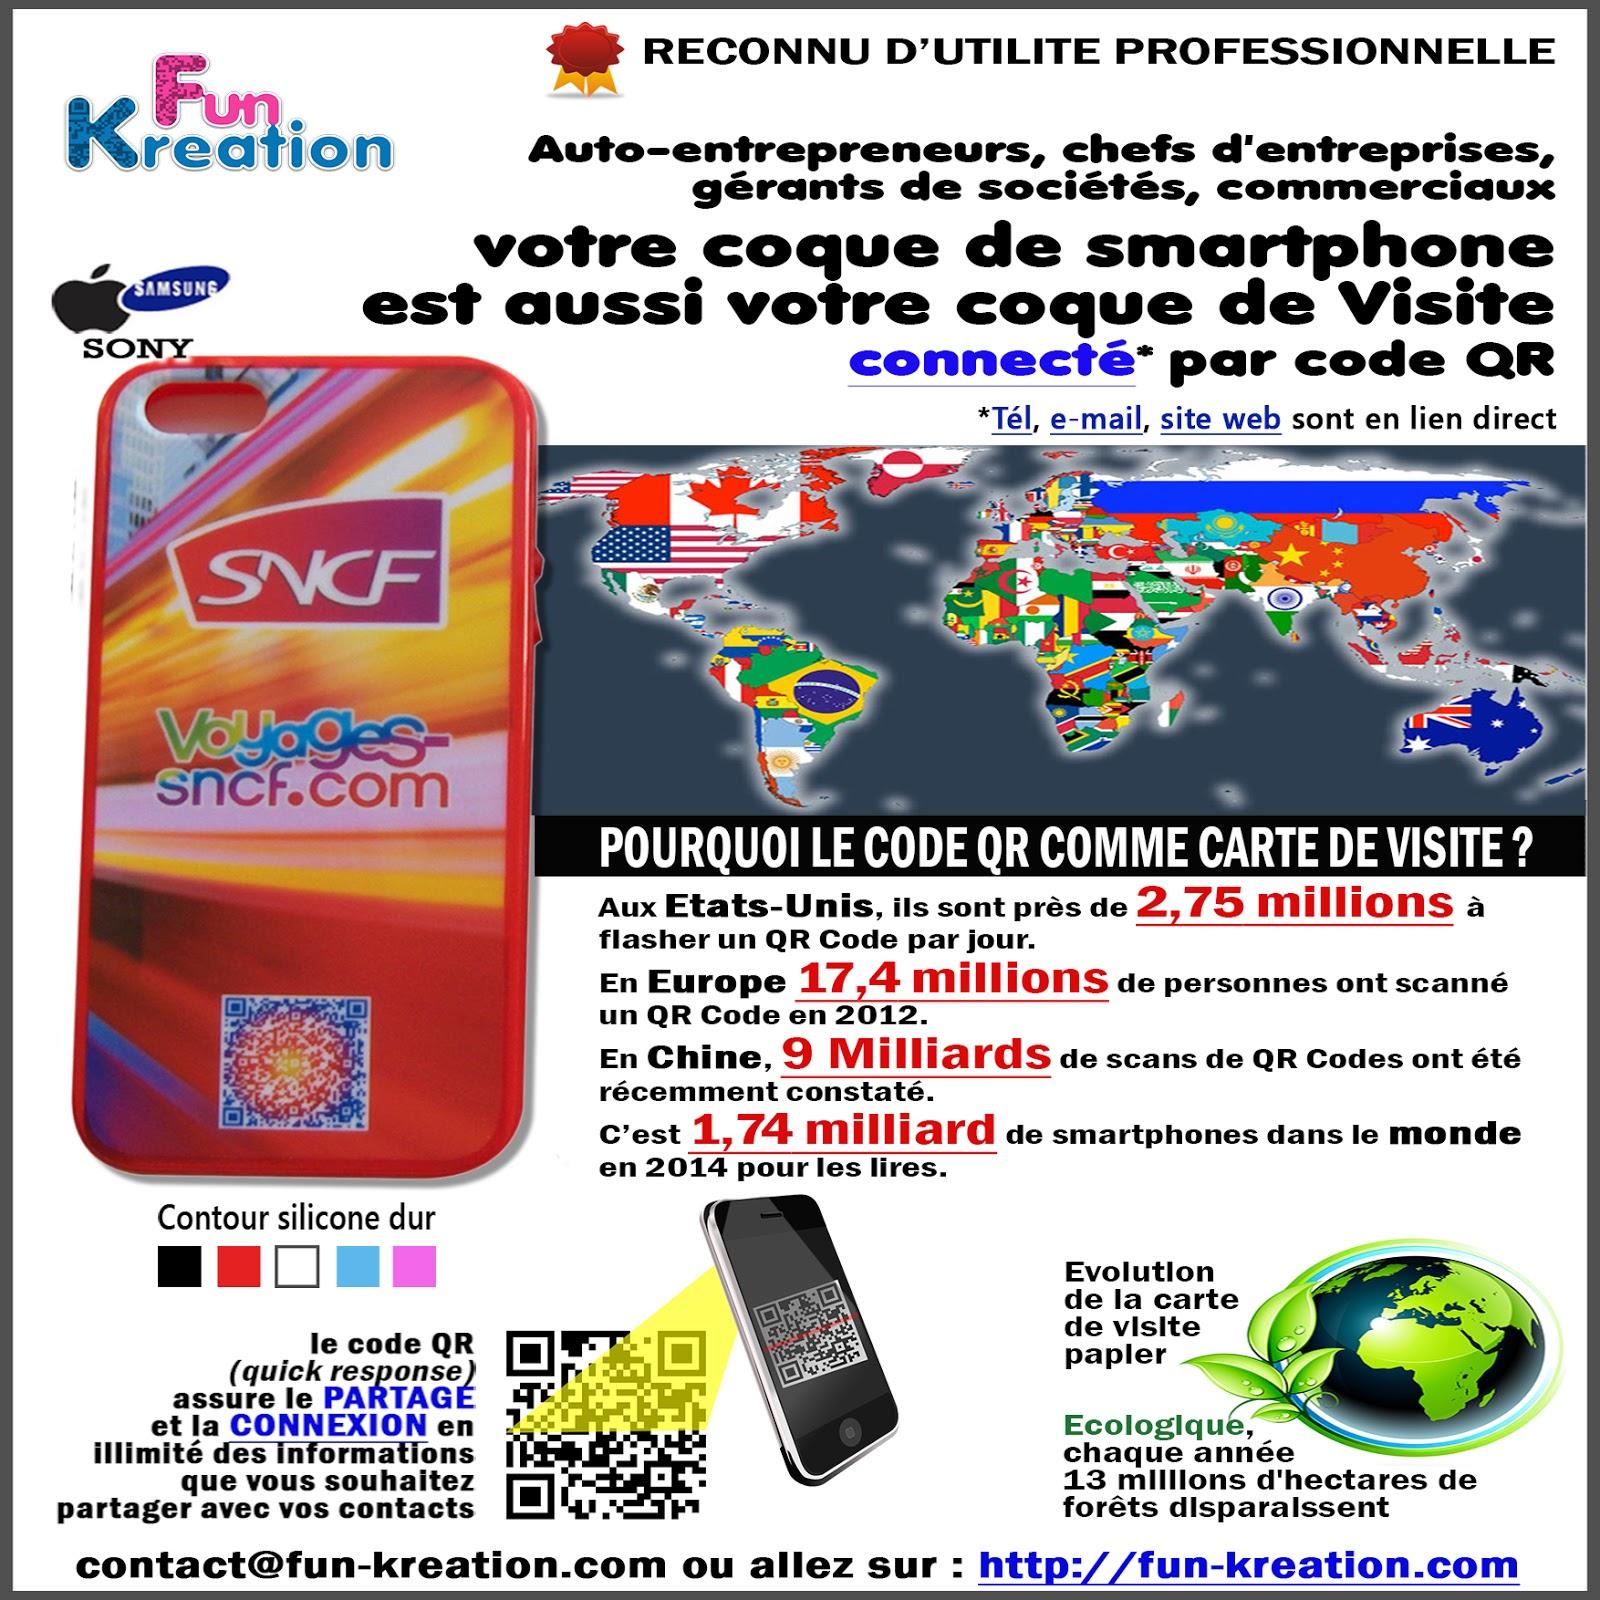 COQUE De VISITE Connectee Code QR Pour Smartphone